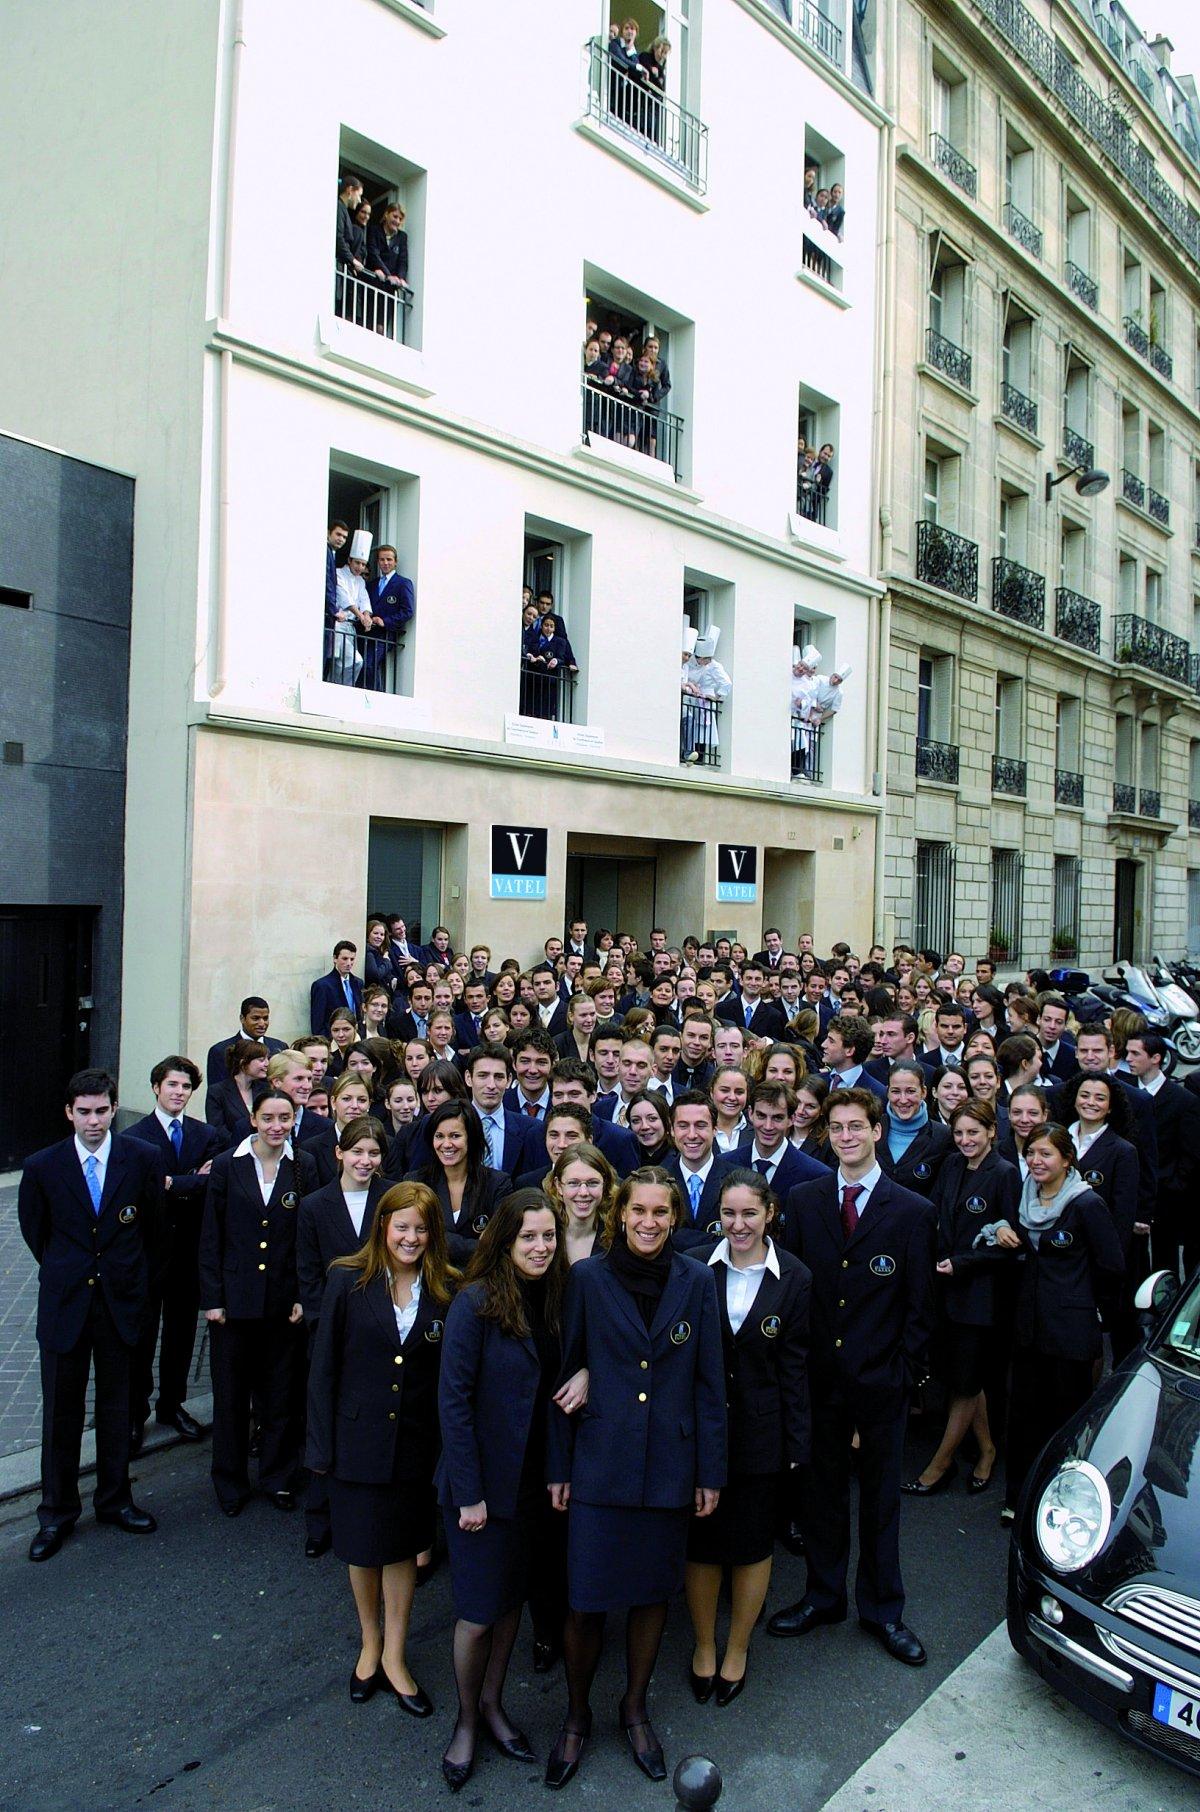 Vatel Paris - Campus - 4